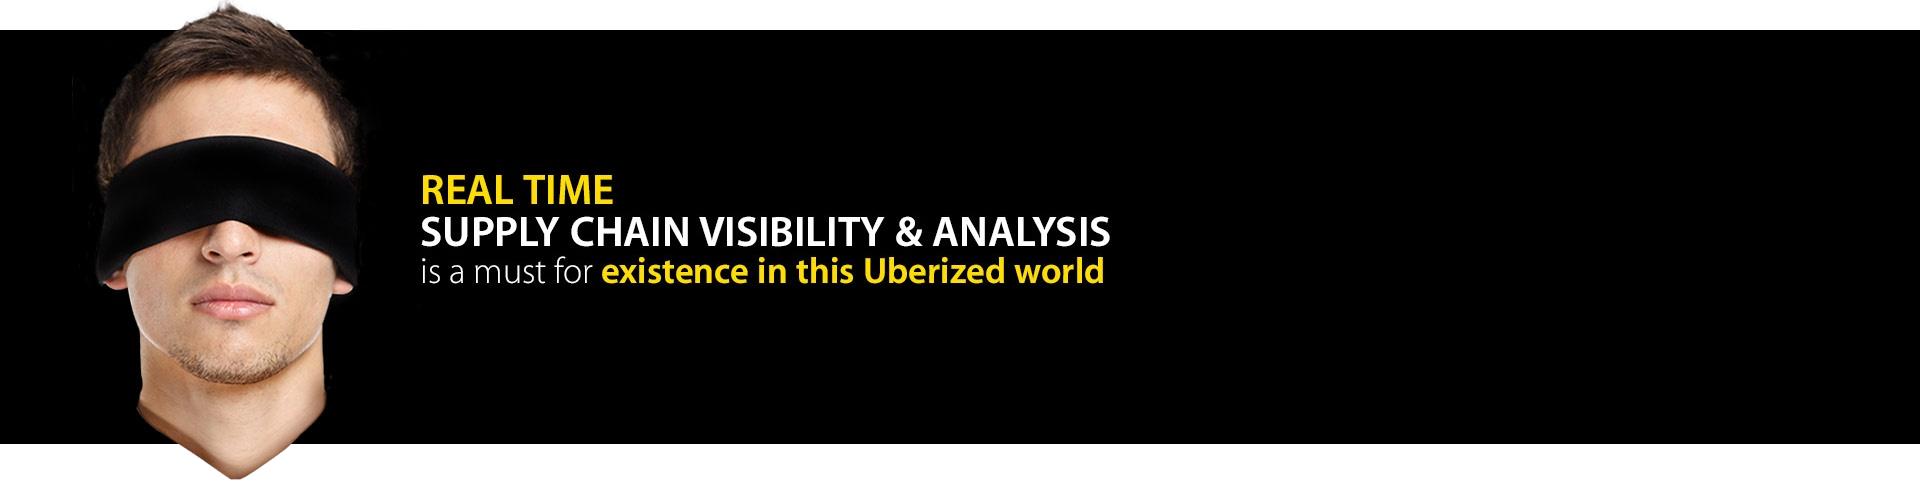 Forrester-visibility-webinar-new2.png